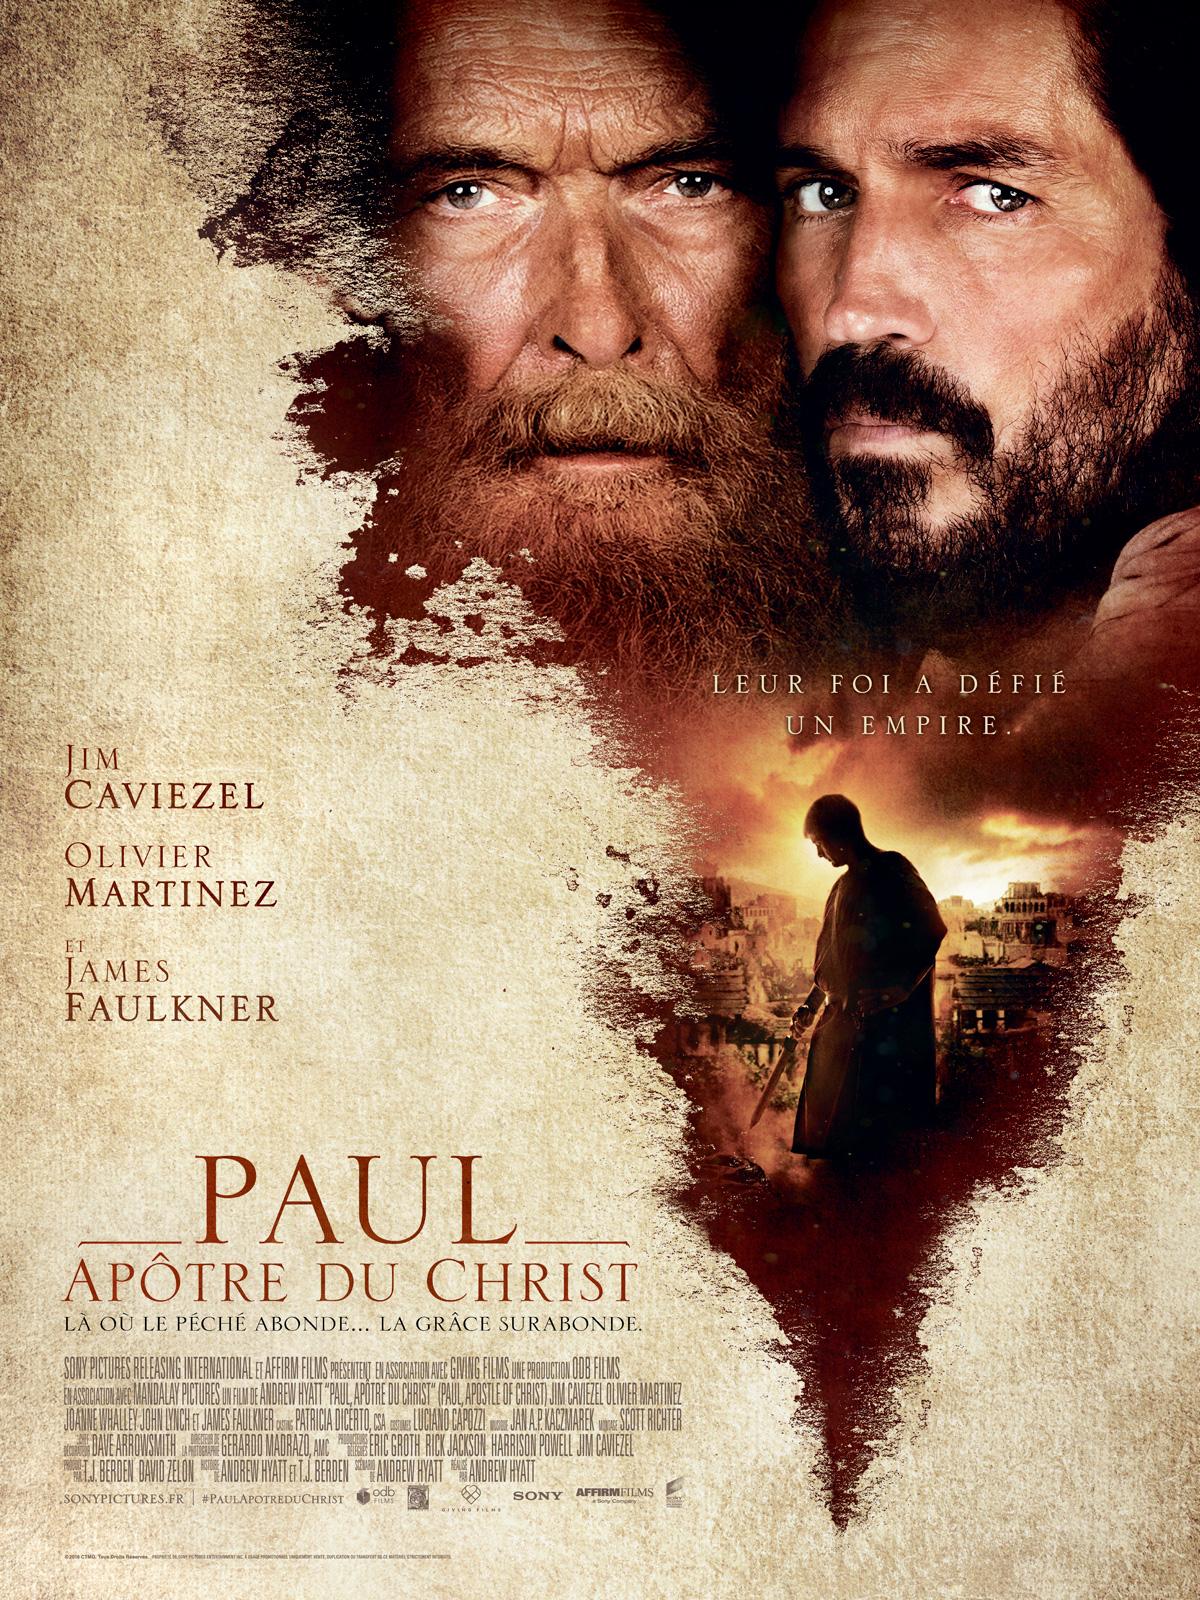 FILM TARSE DE TÉLÉCHARGER PAUL